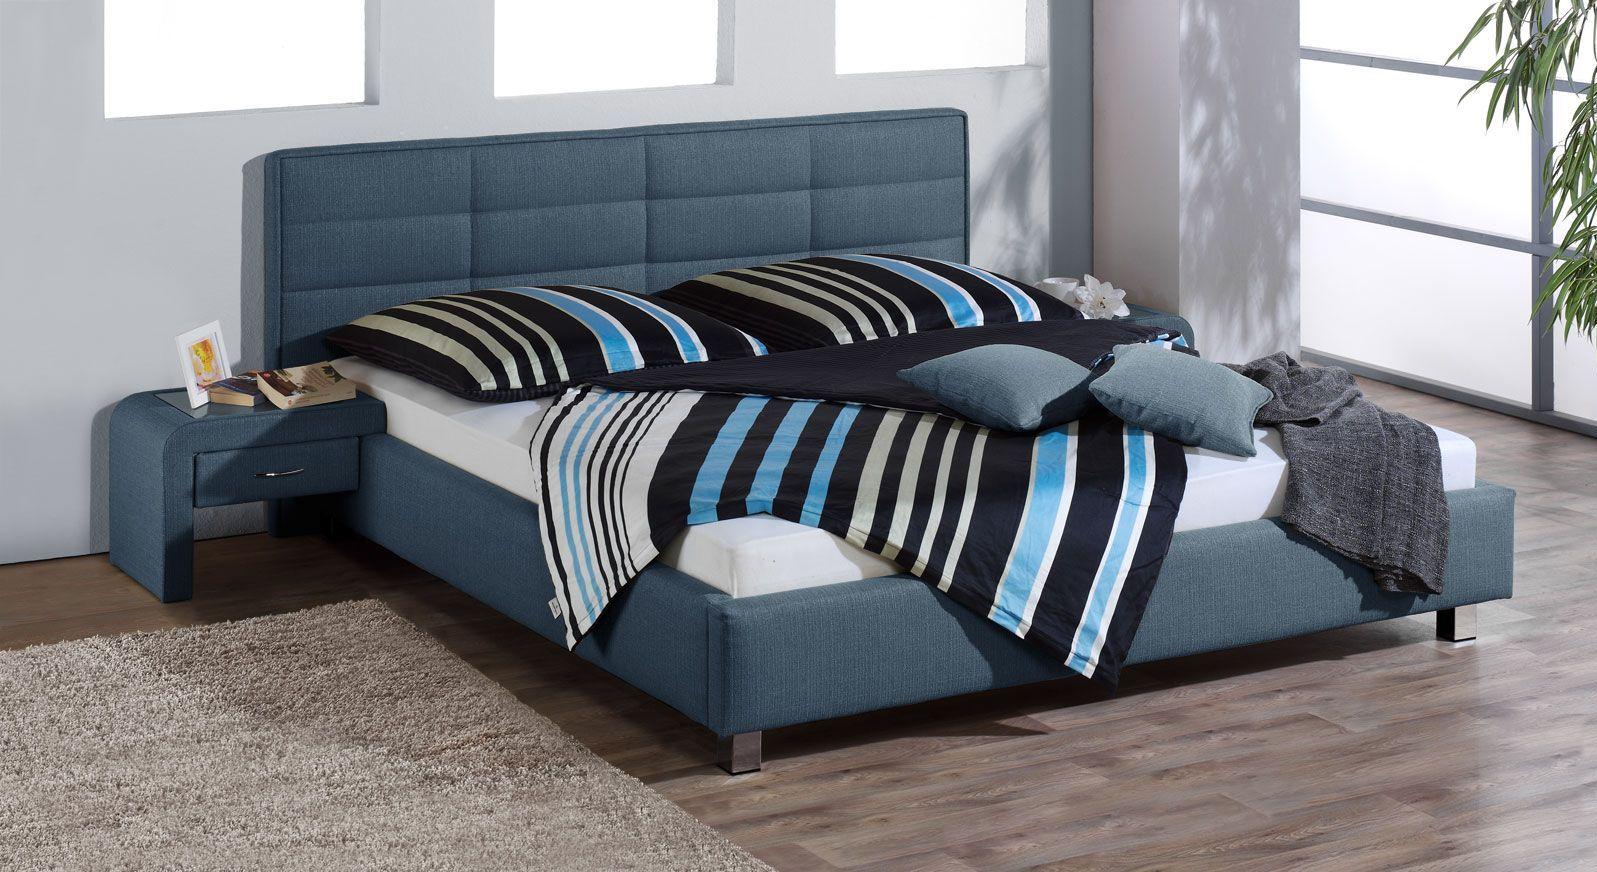 Bett El Coco mit Strukturstoff in Blau